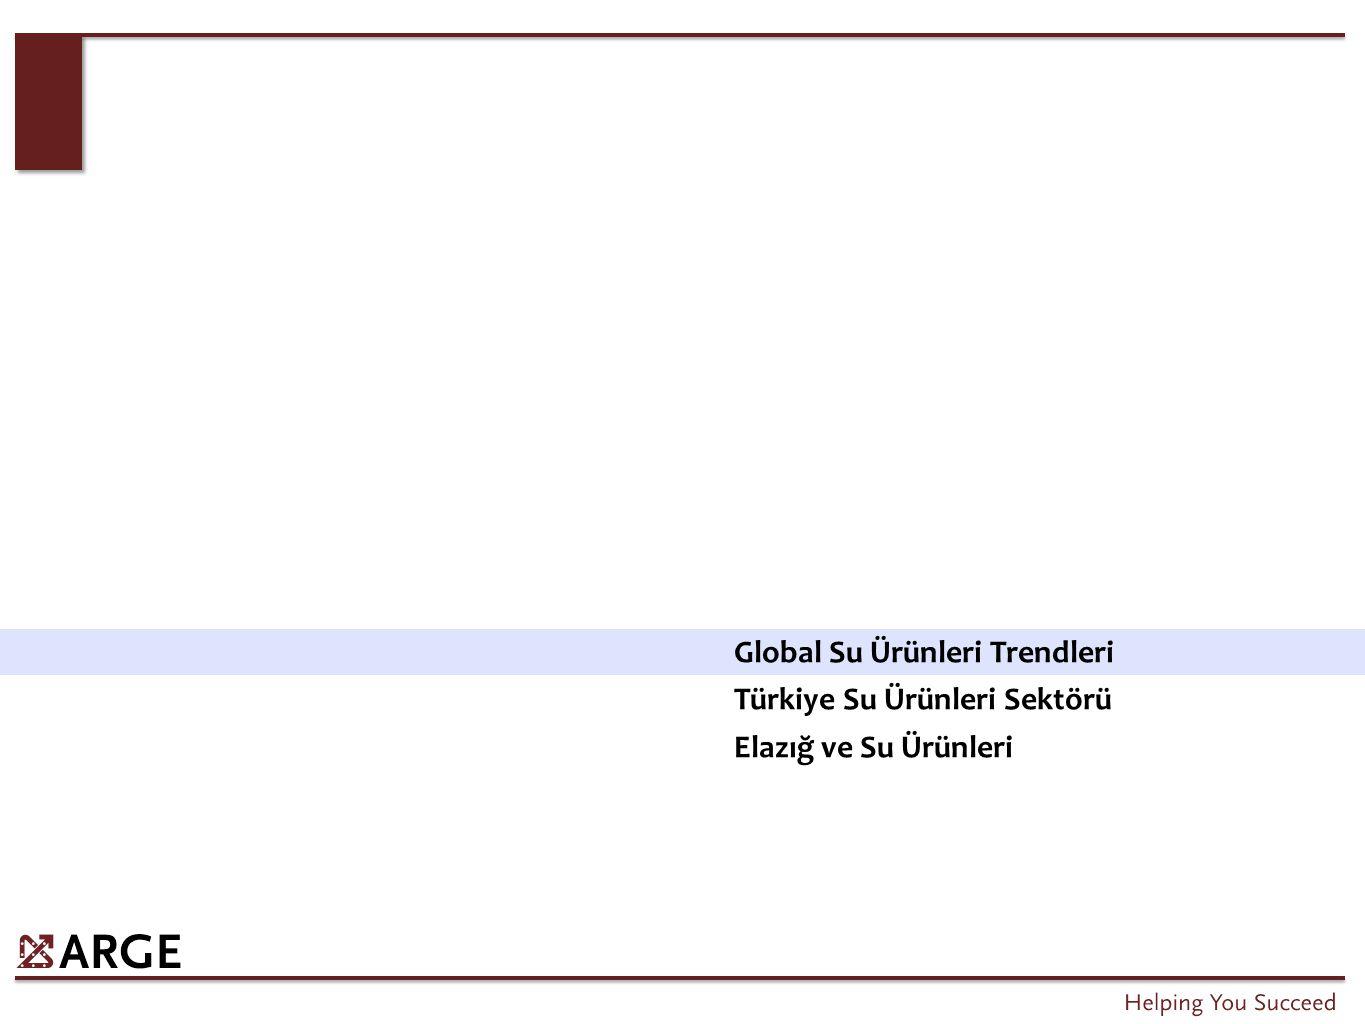 Global Su Ürünleri Trendleri Türkiye Su Ürünleri Sektörü Elazığ ve Su Ürünleri